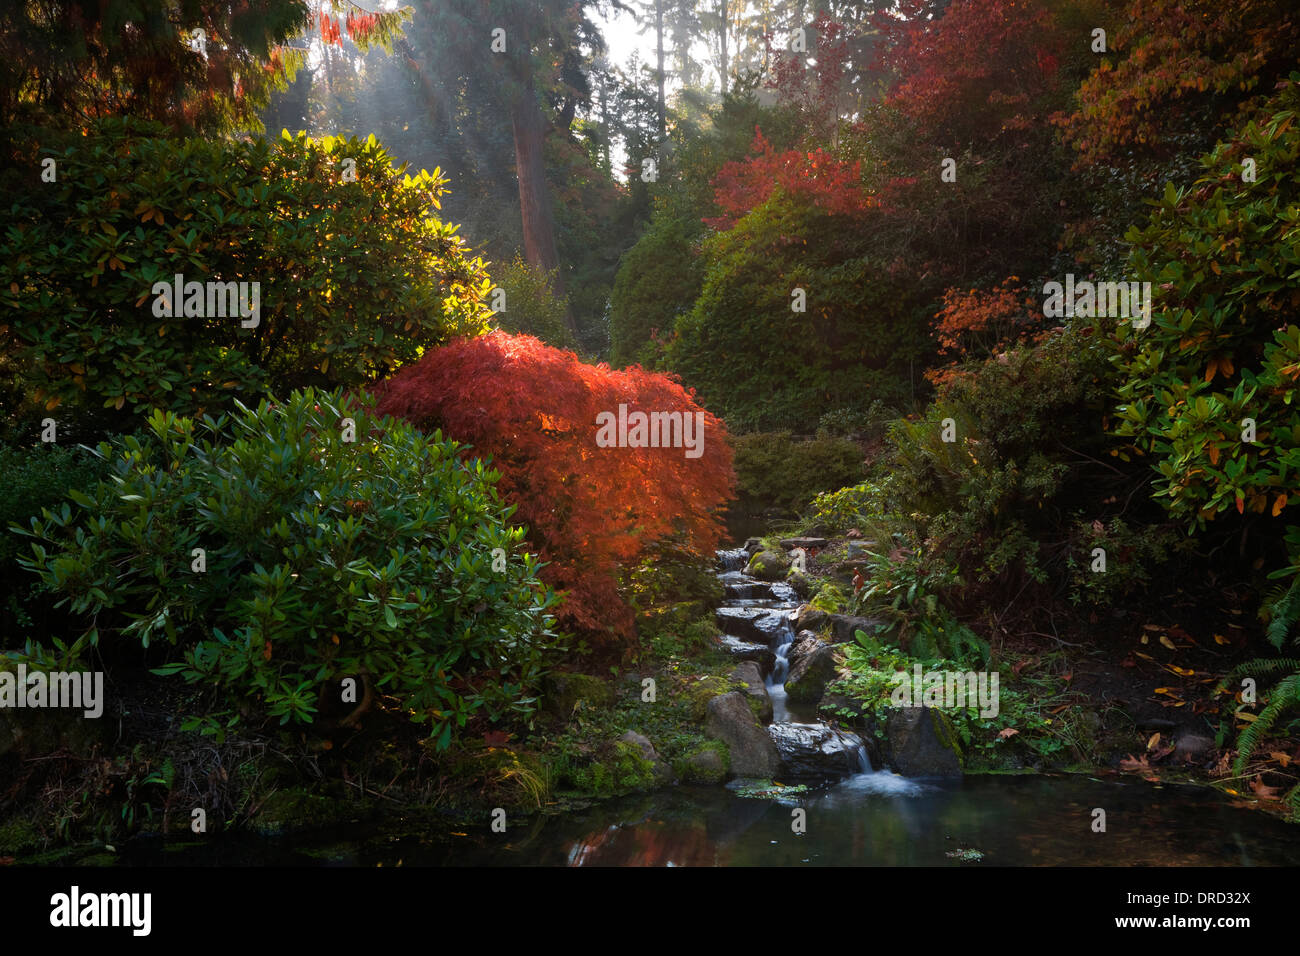 Kubota Garden Seattle Stock Photos & Kubota Garden Seattle Stock ...